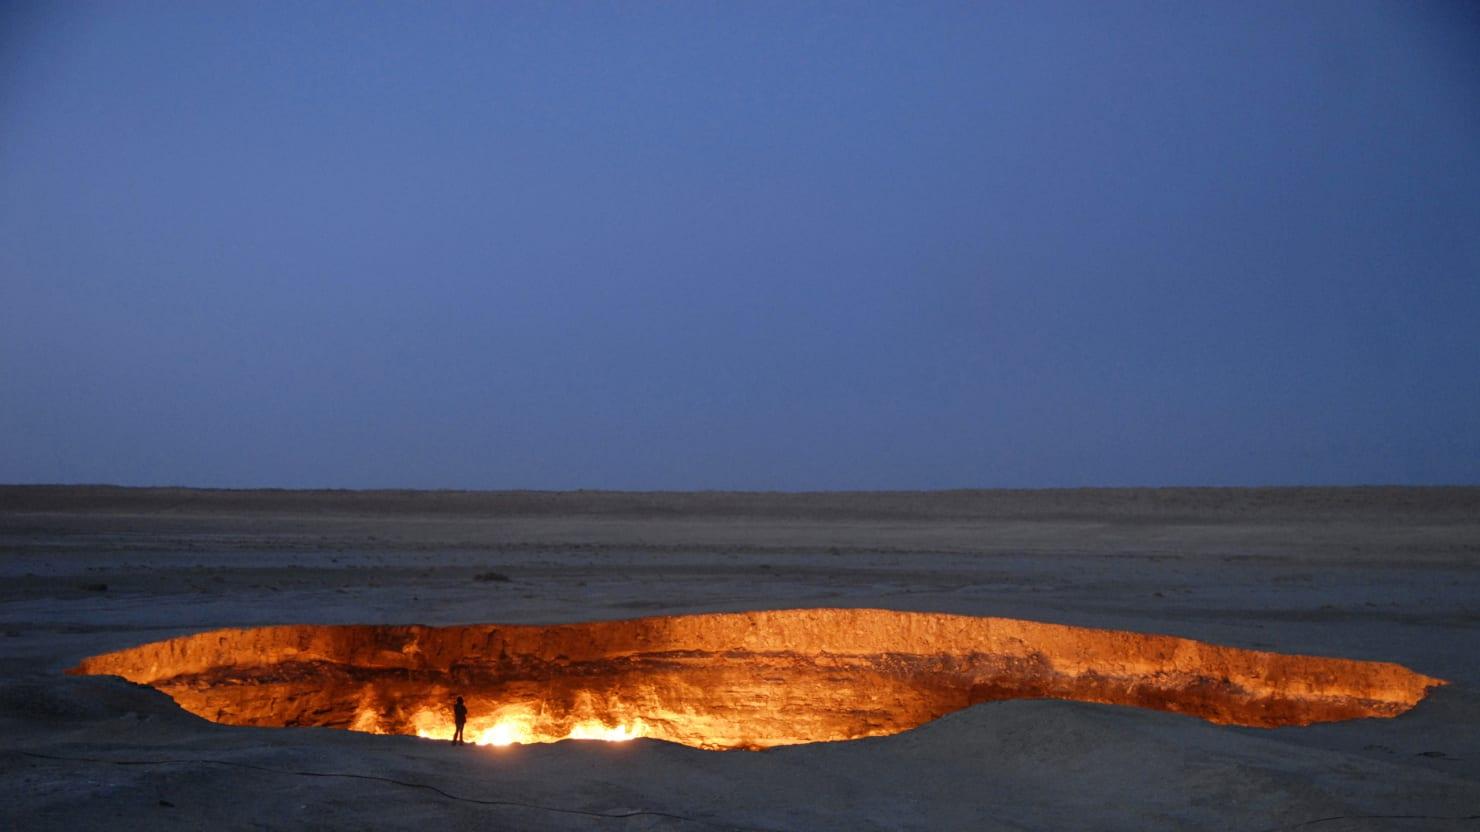 A Fiery Pit Rages in the Turkmenistan Desert